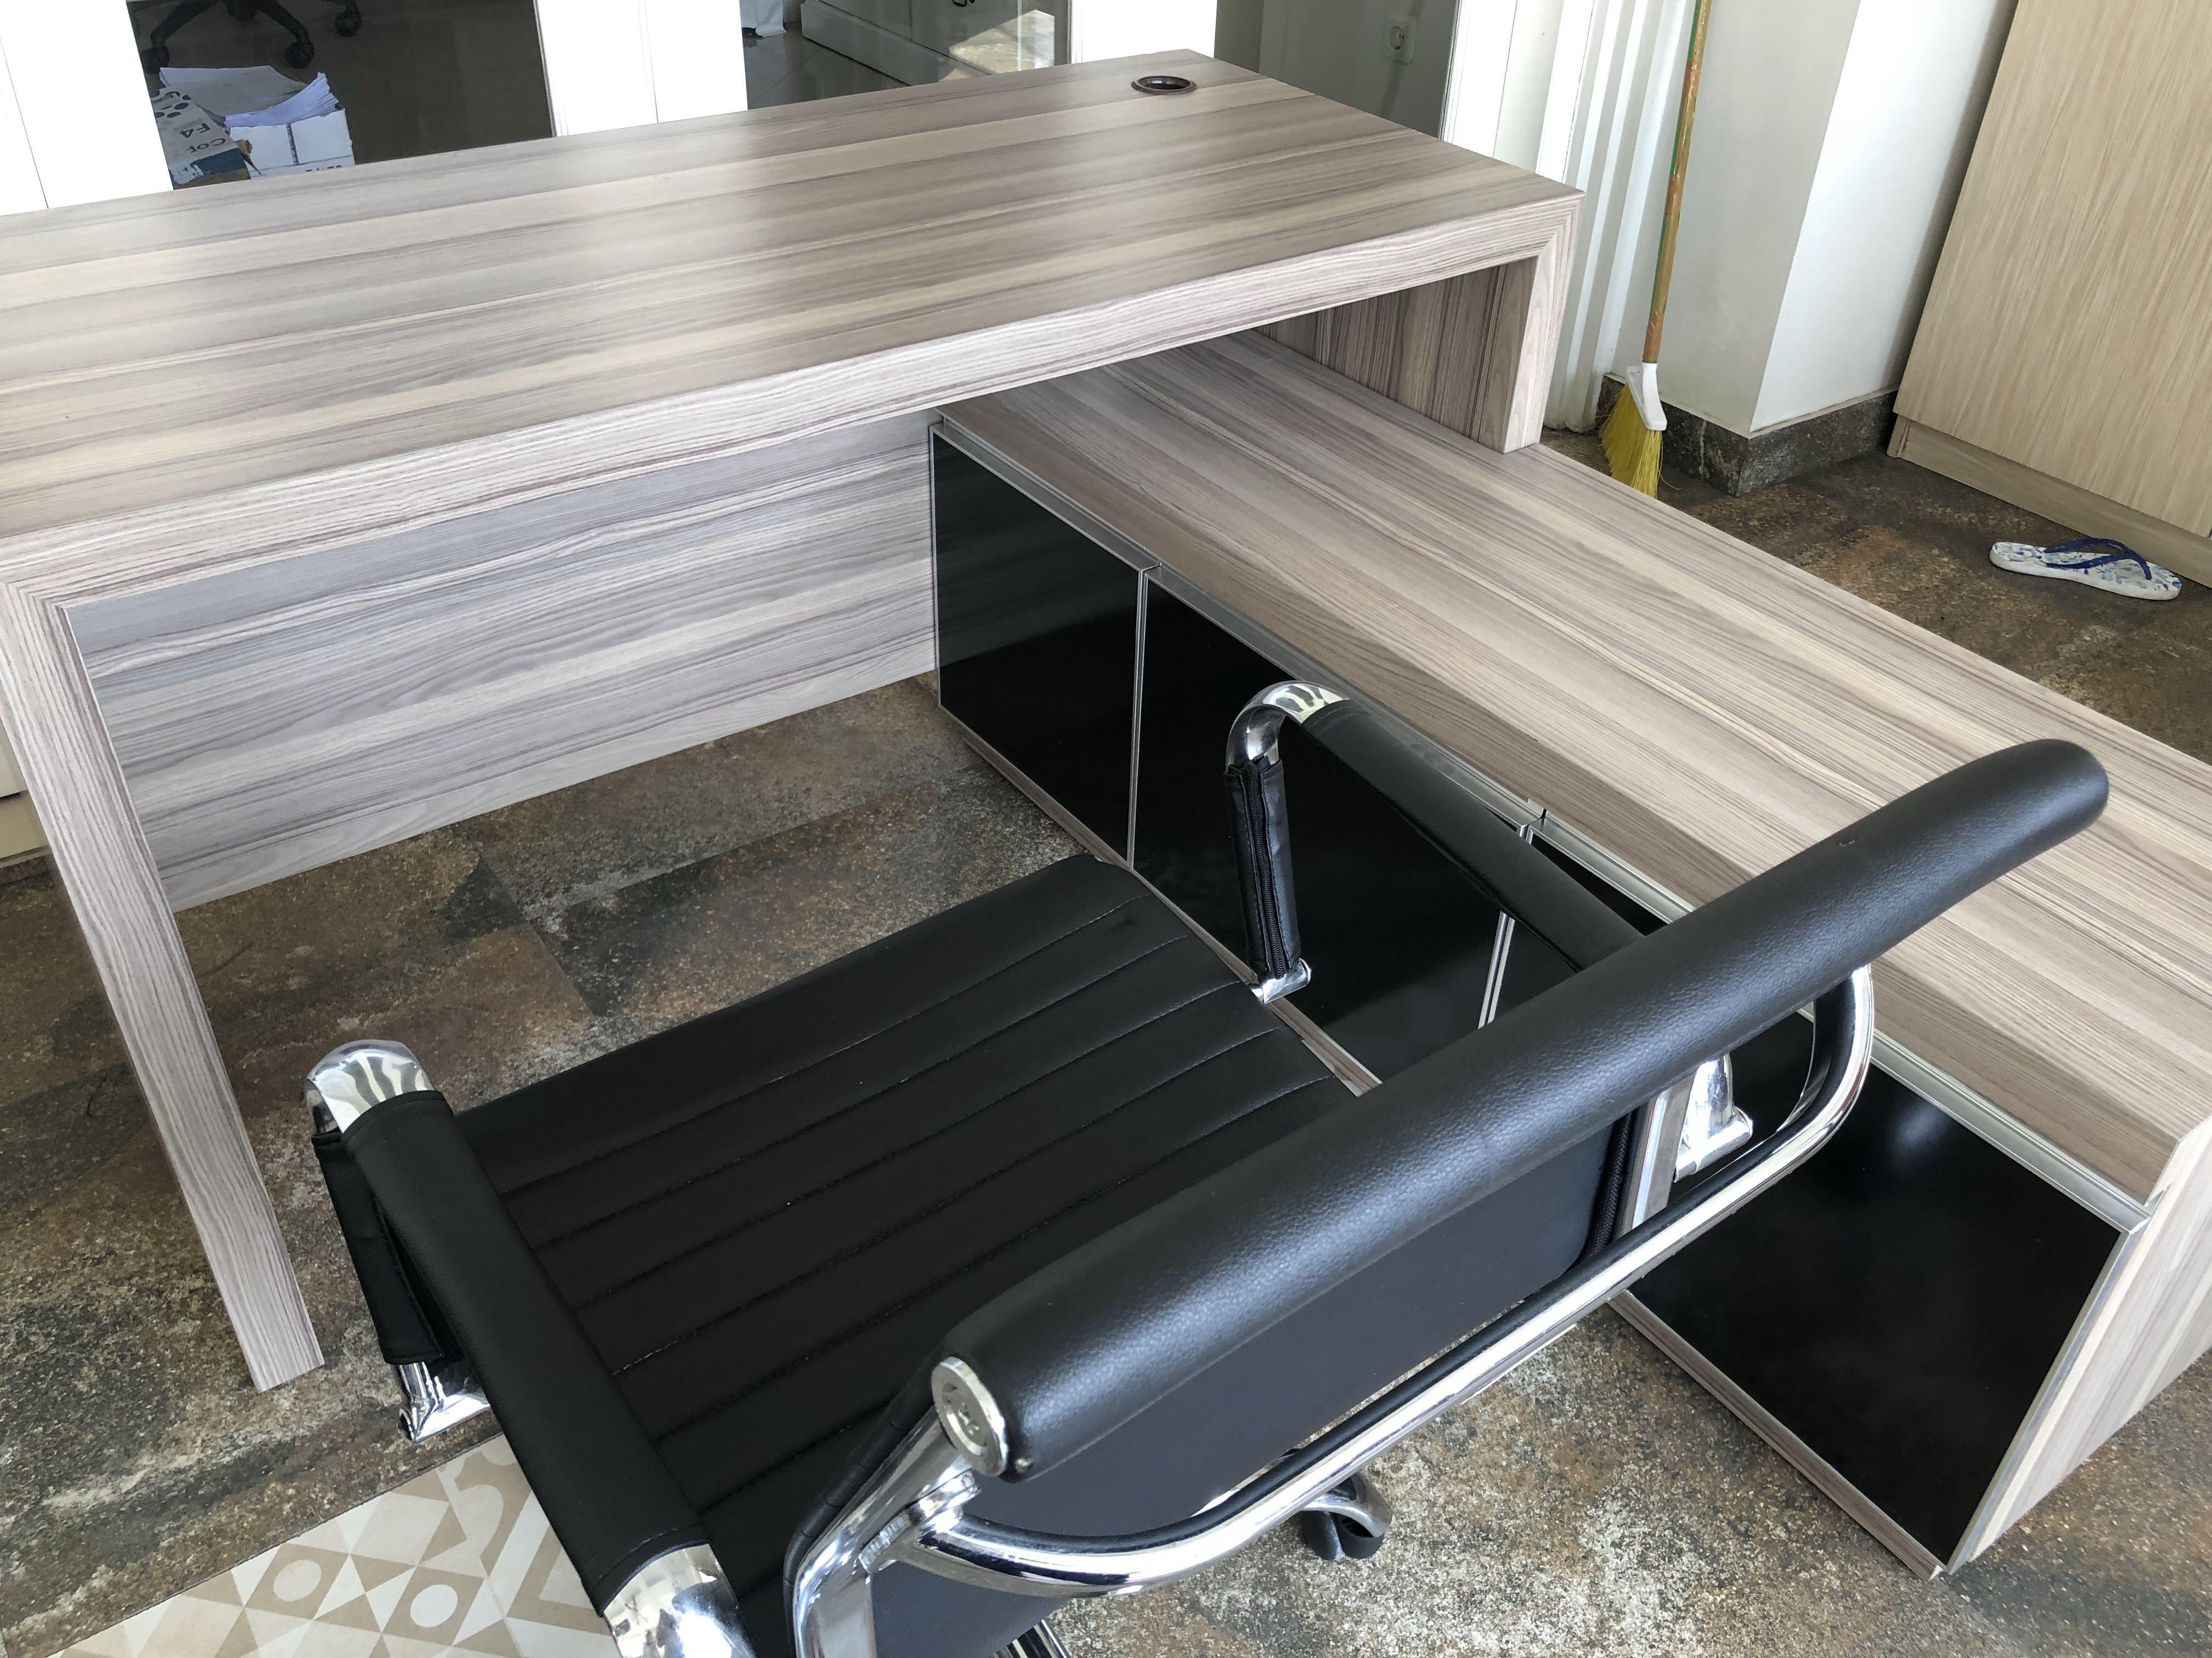 Meja Kerja dan Lemari 1 Set (Tidak termasuk kursi)